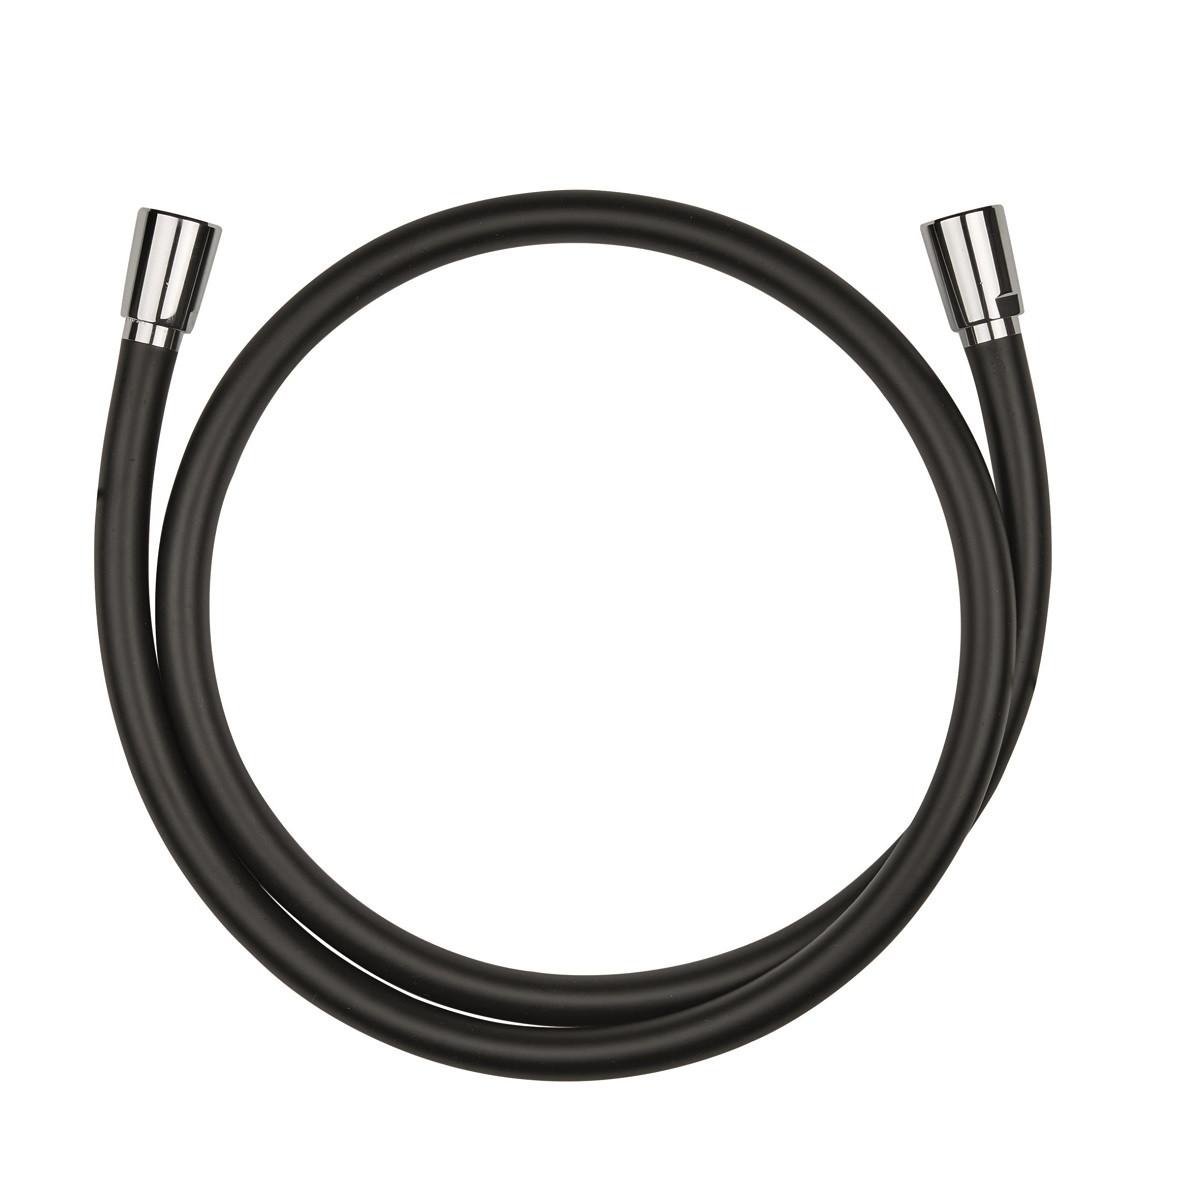 Шланг душевой KLUDI Suparaflex matt black 1250 мм (610718700)